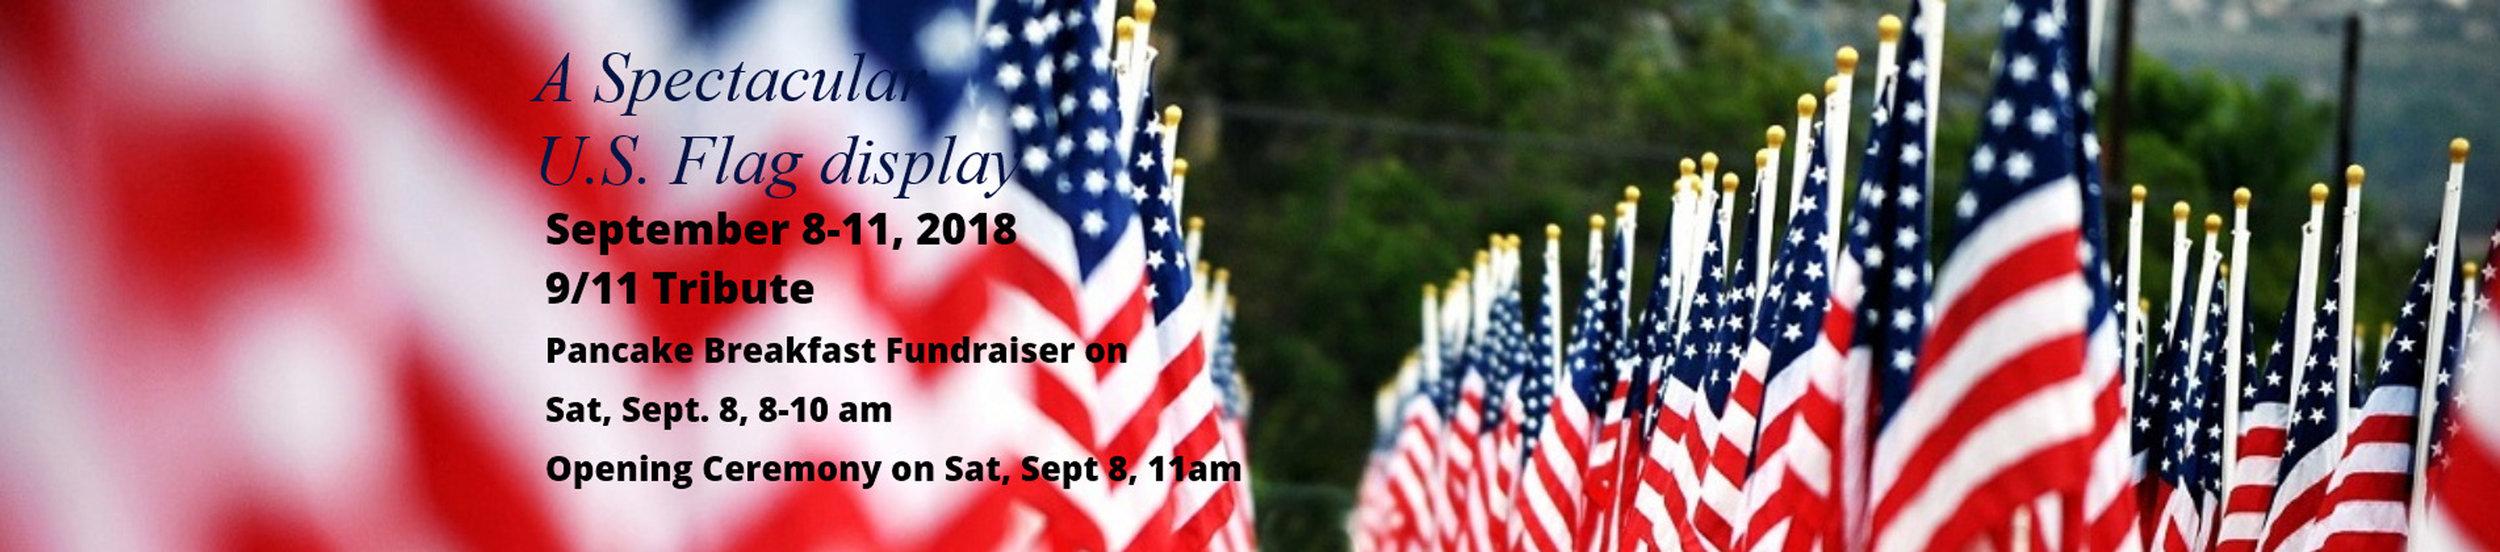 Screenshot_2018-08-19 Field of Glory Honoring veterans, servicepersons, first responders, personal heroes.jpg